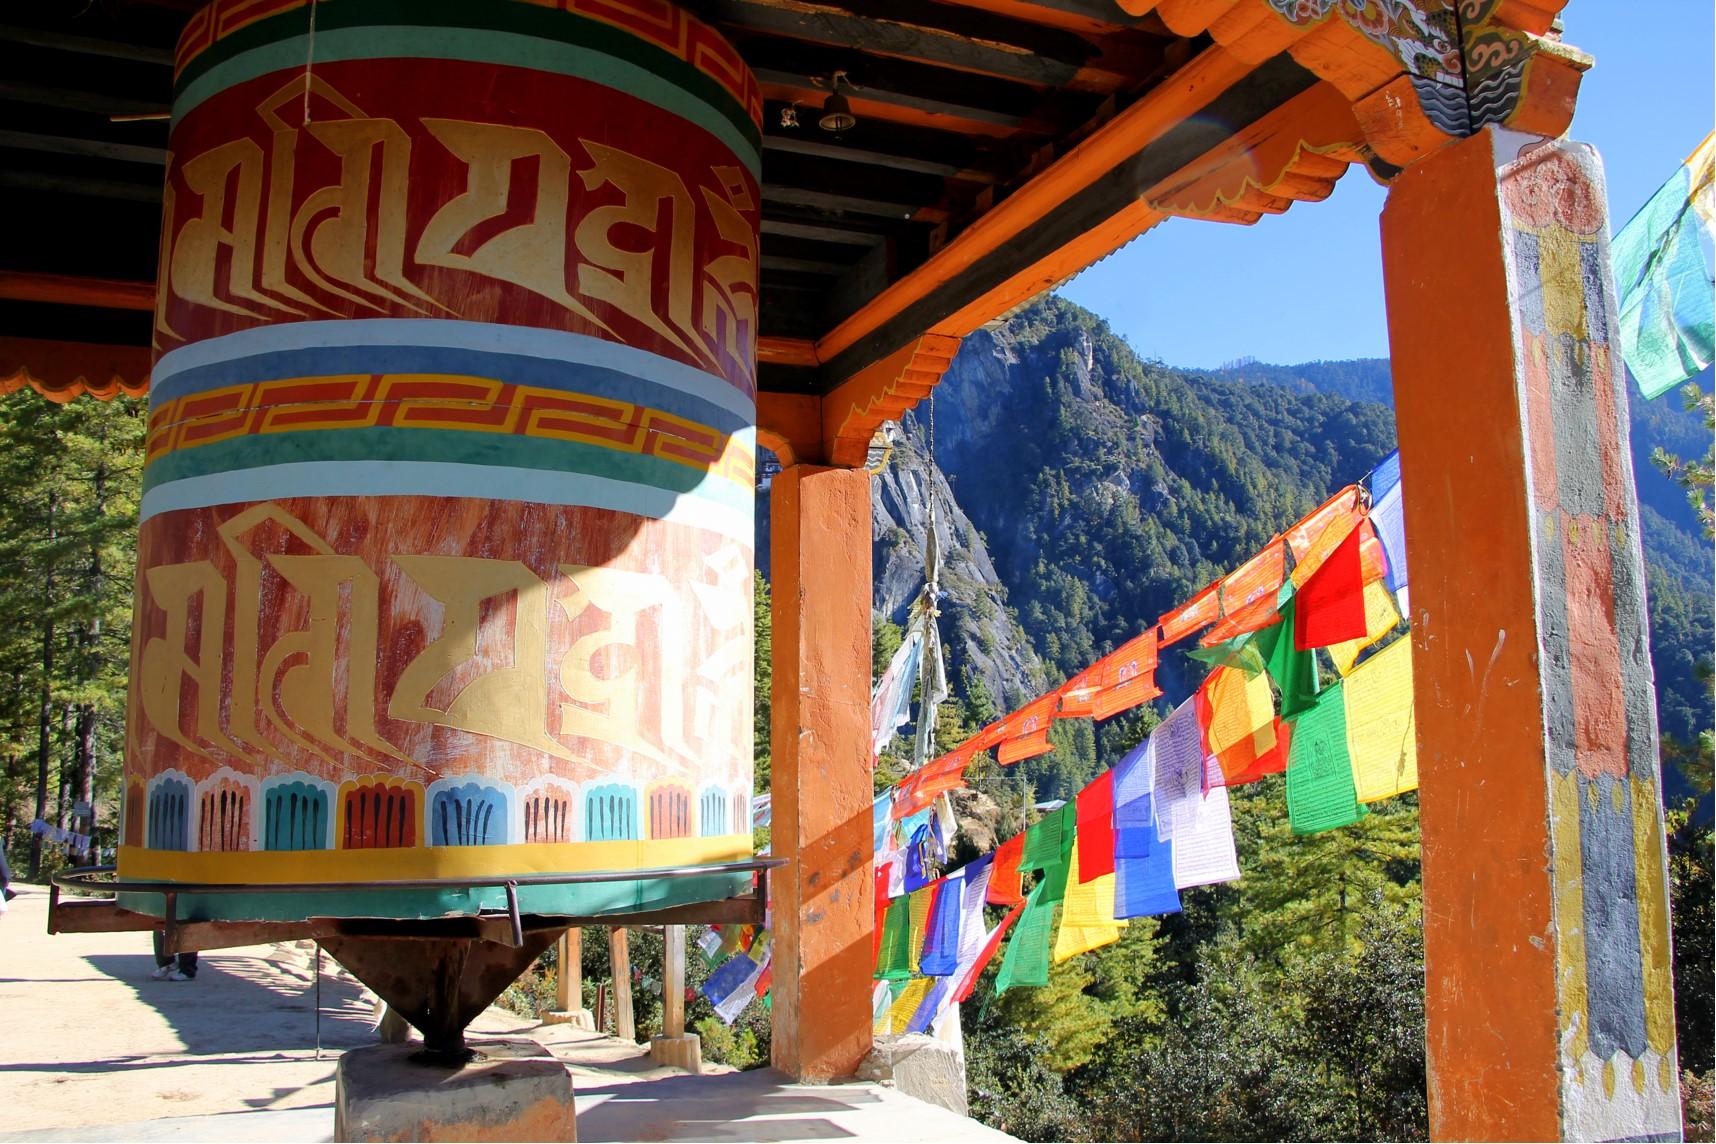 Reiseblogger verraten ihre Tipps für Bhutan - Emma's Fotos von Bhutan